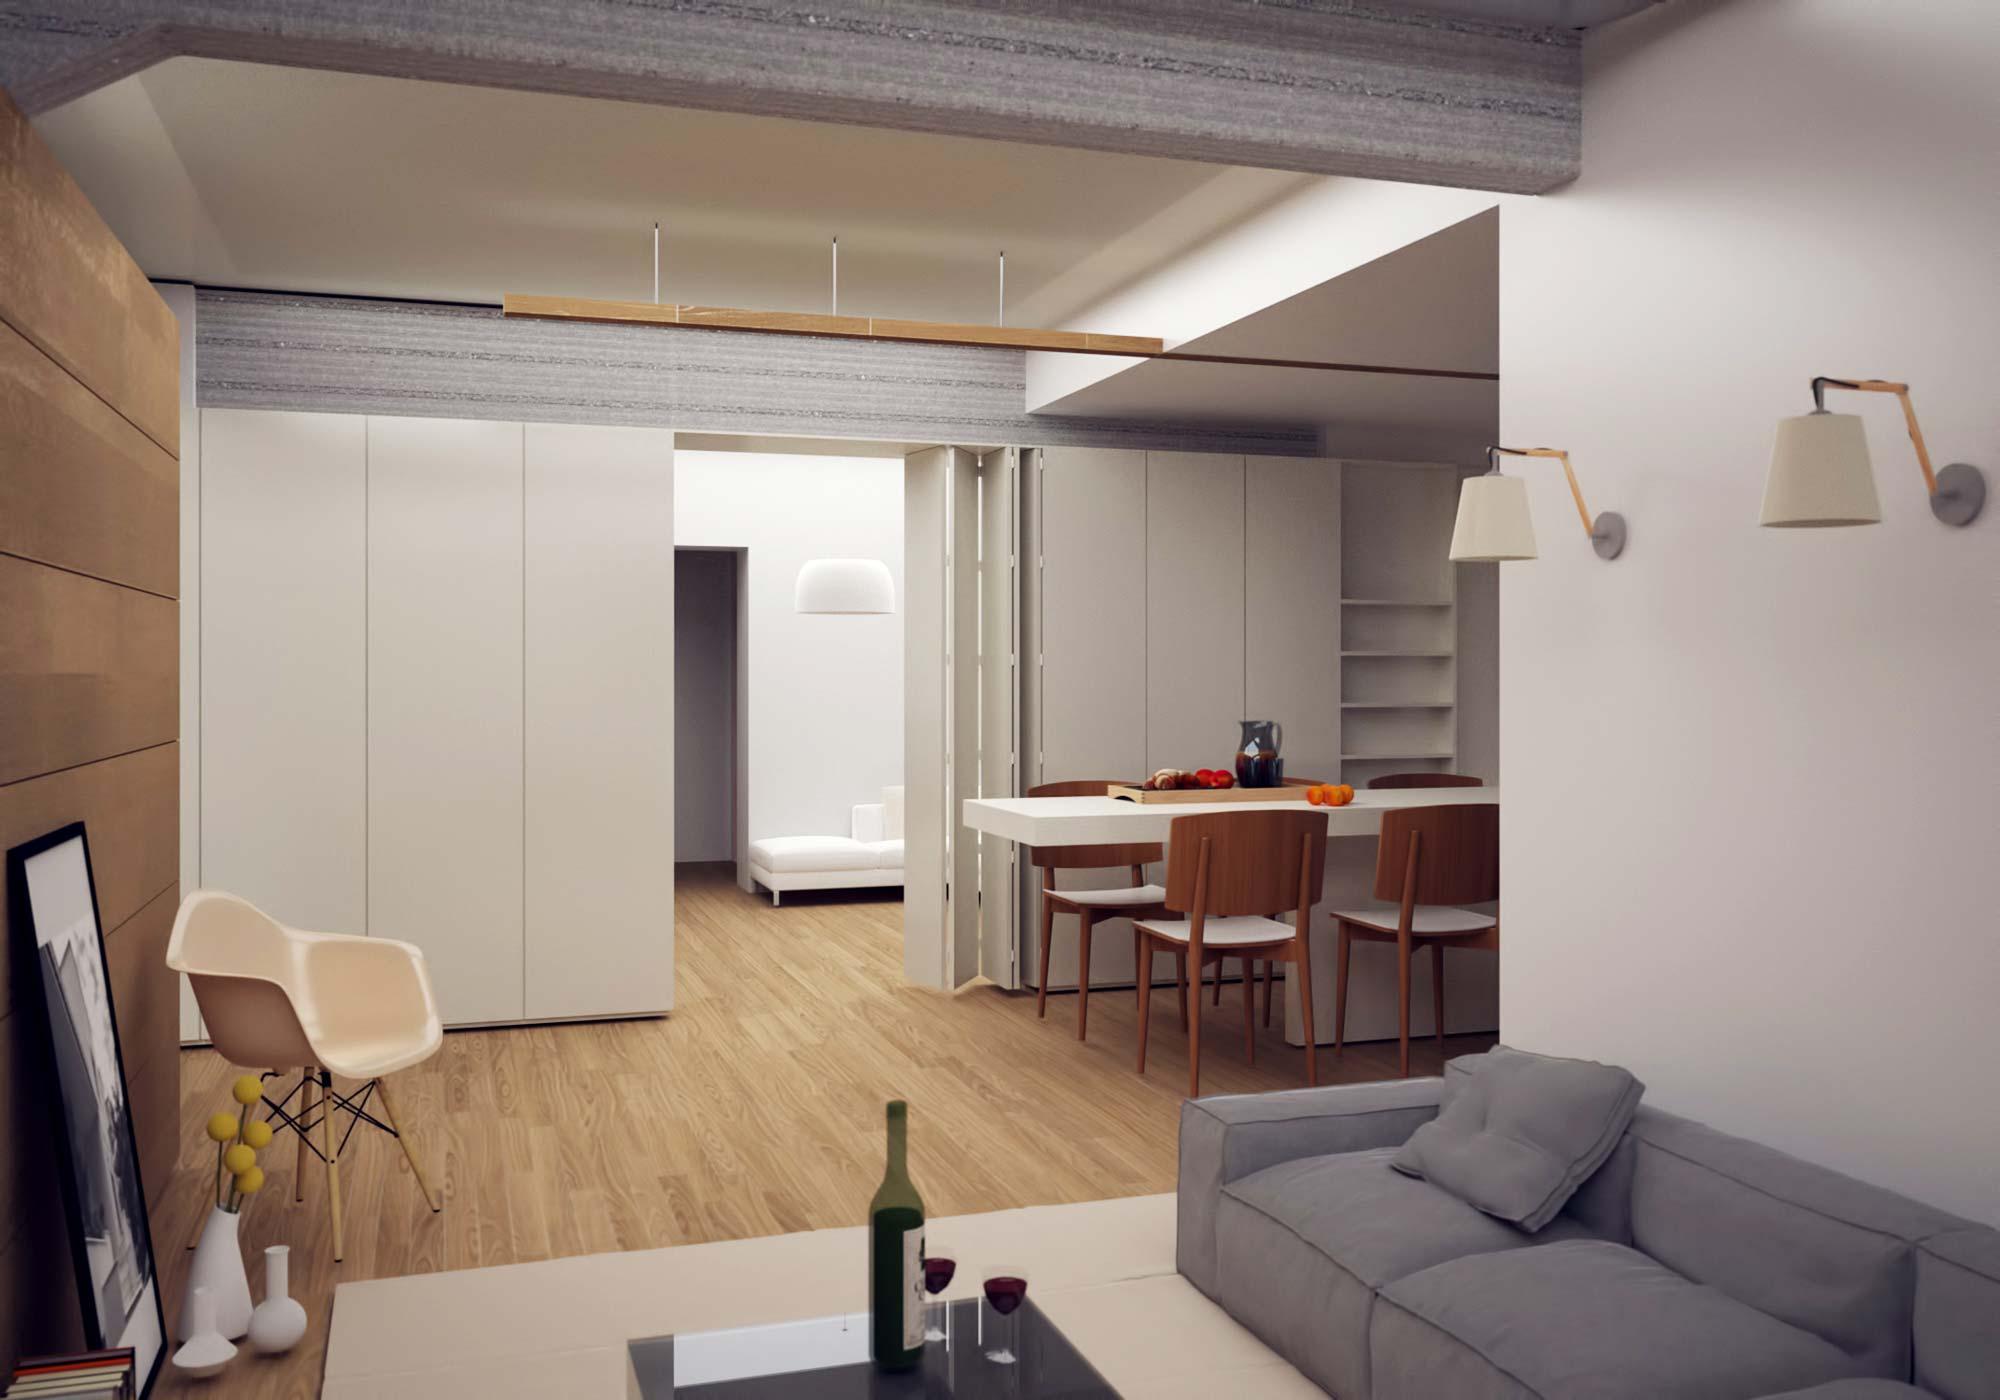 dsagonas_interior_1.jpg